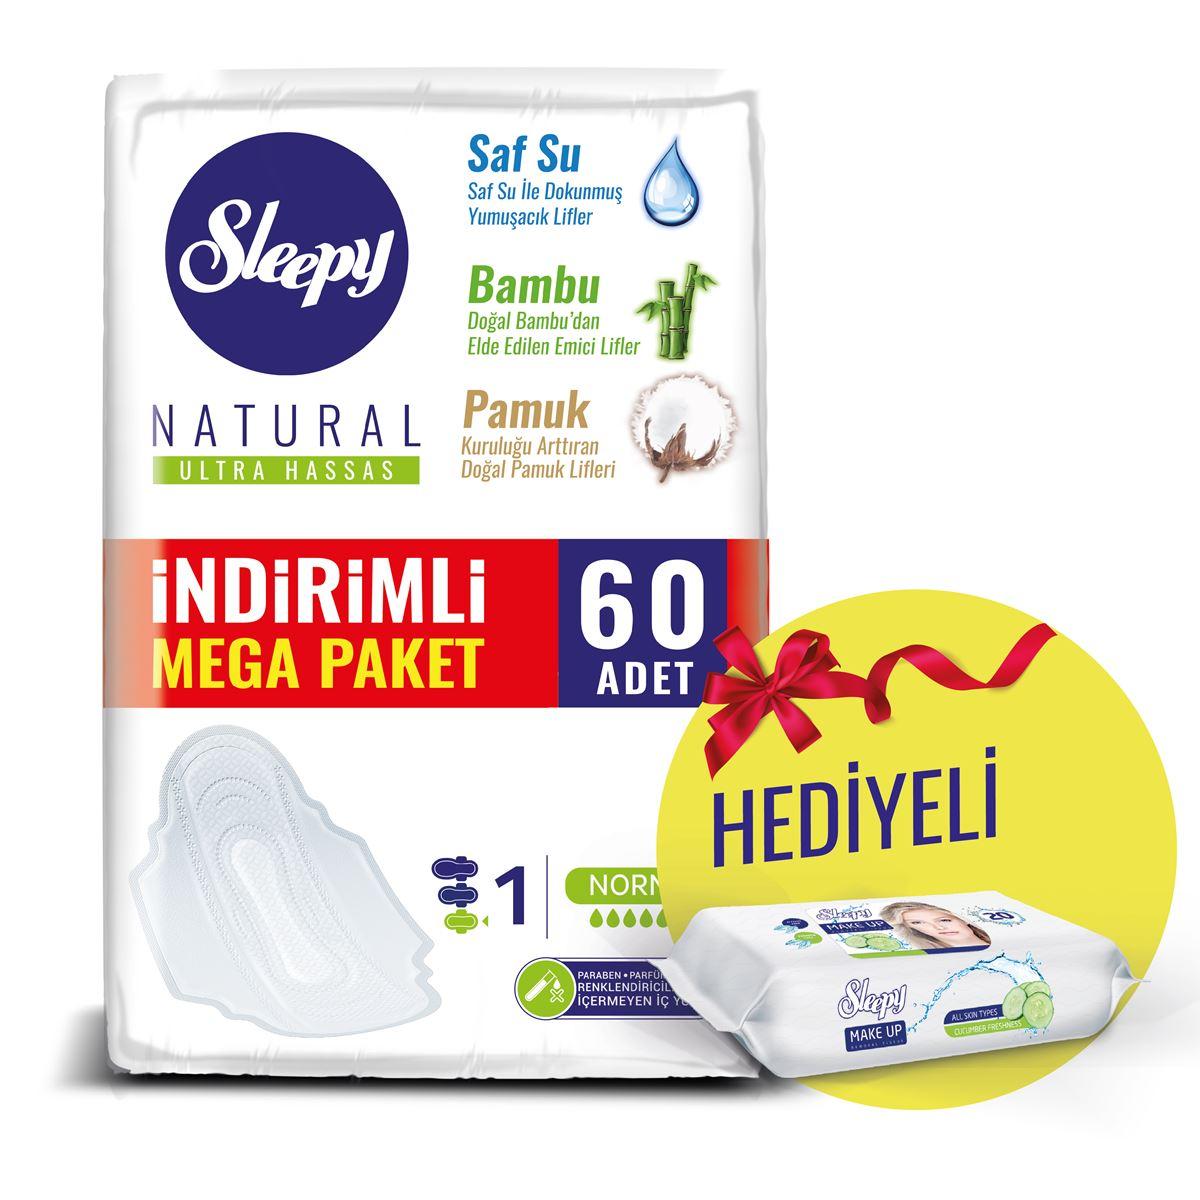 Sleepy Natural Ultra Hassas NORMAL (60 Ped) MAKEUP HEDİYELİ